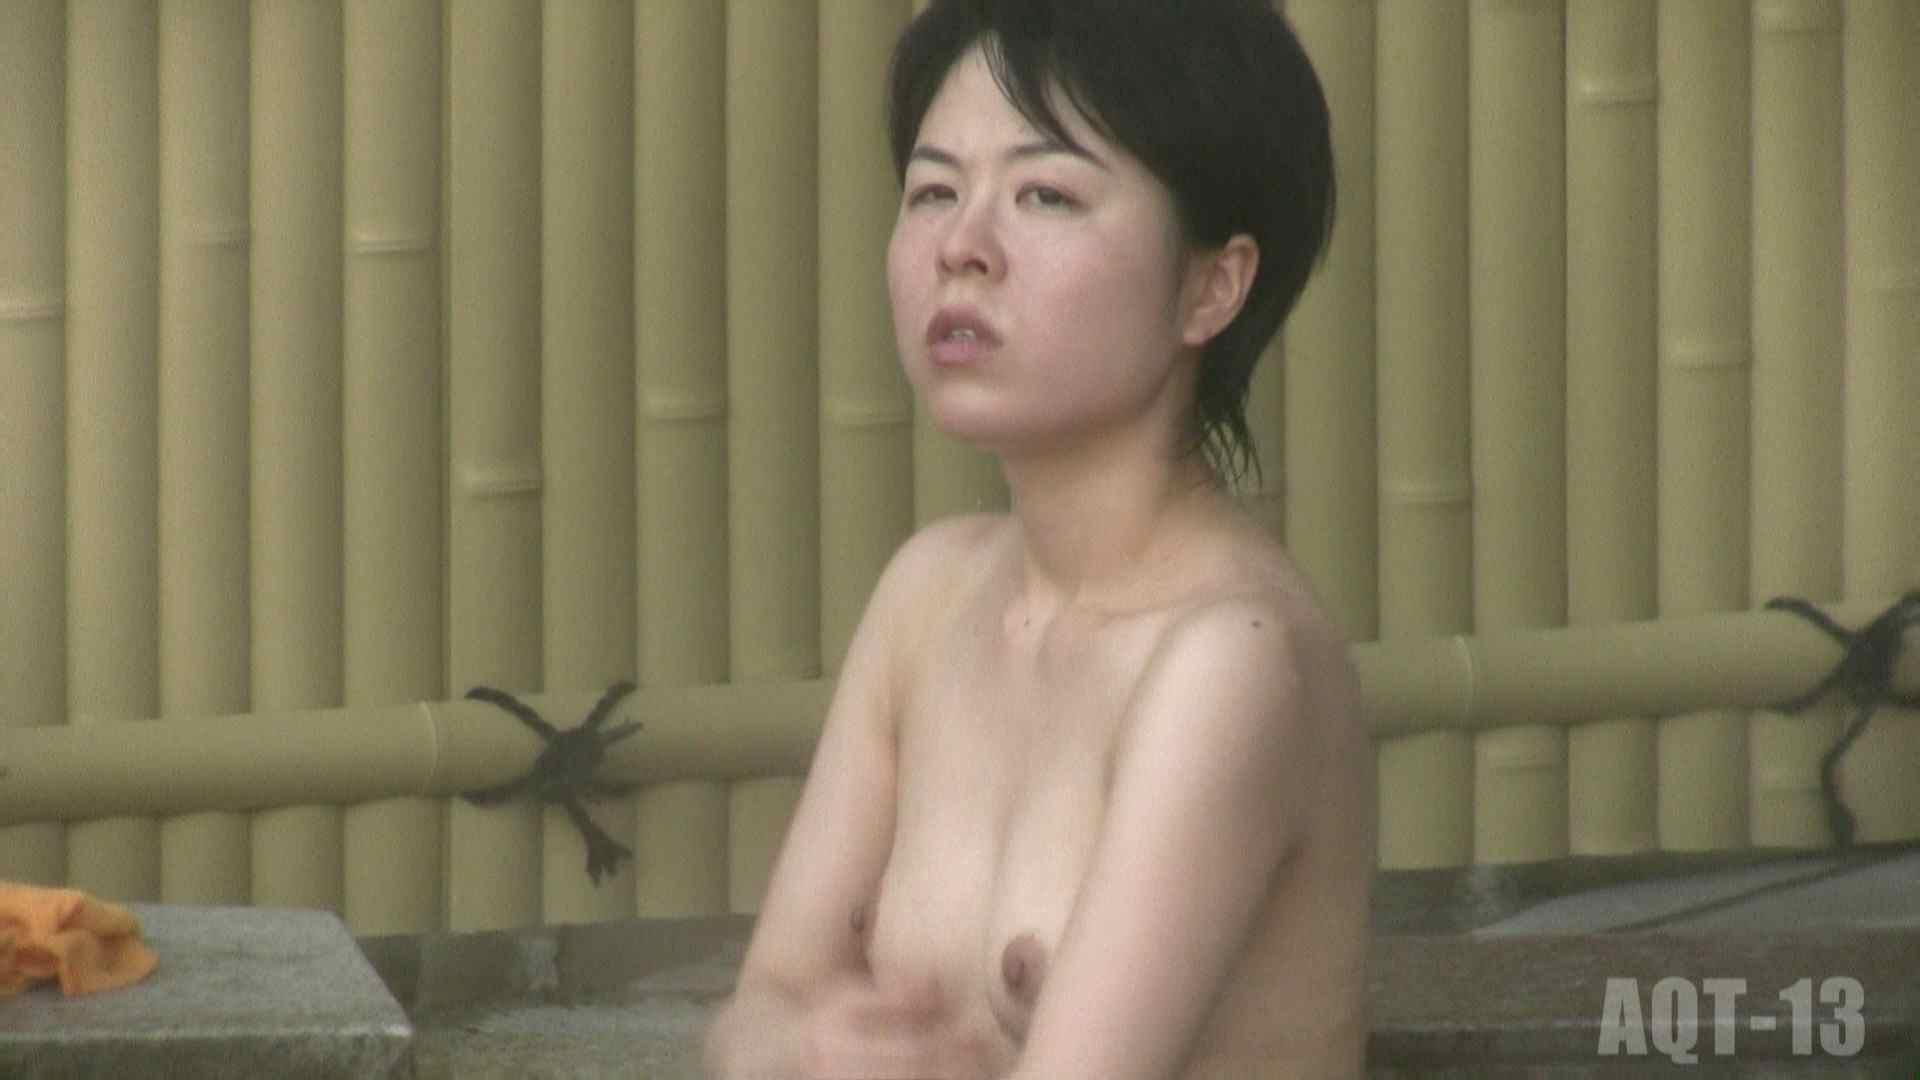 Aquaな露天風呂Vol.815 OLのエロ生活 盗み撮り動画キャプチャ 109連発 68